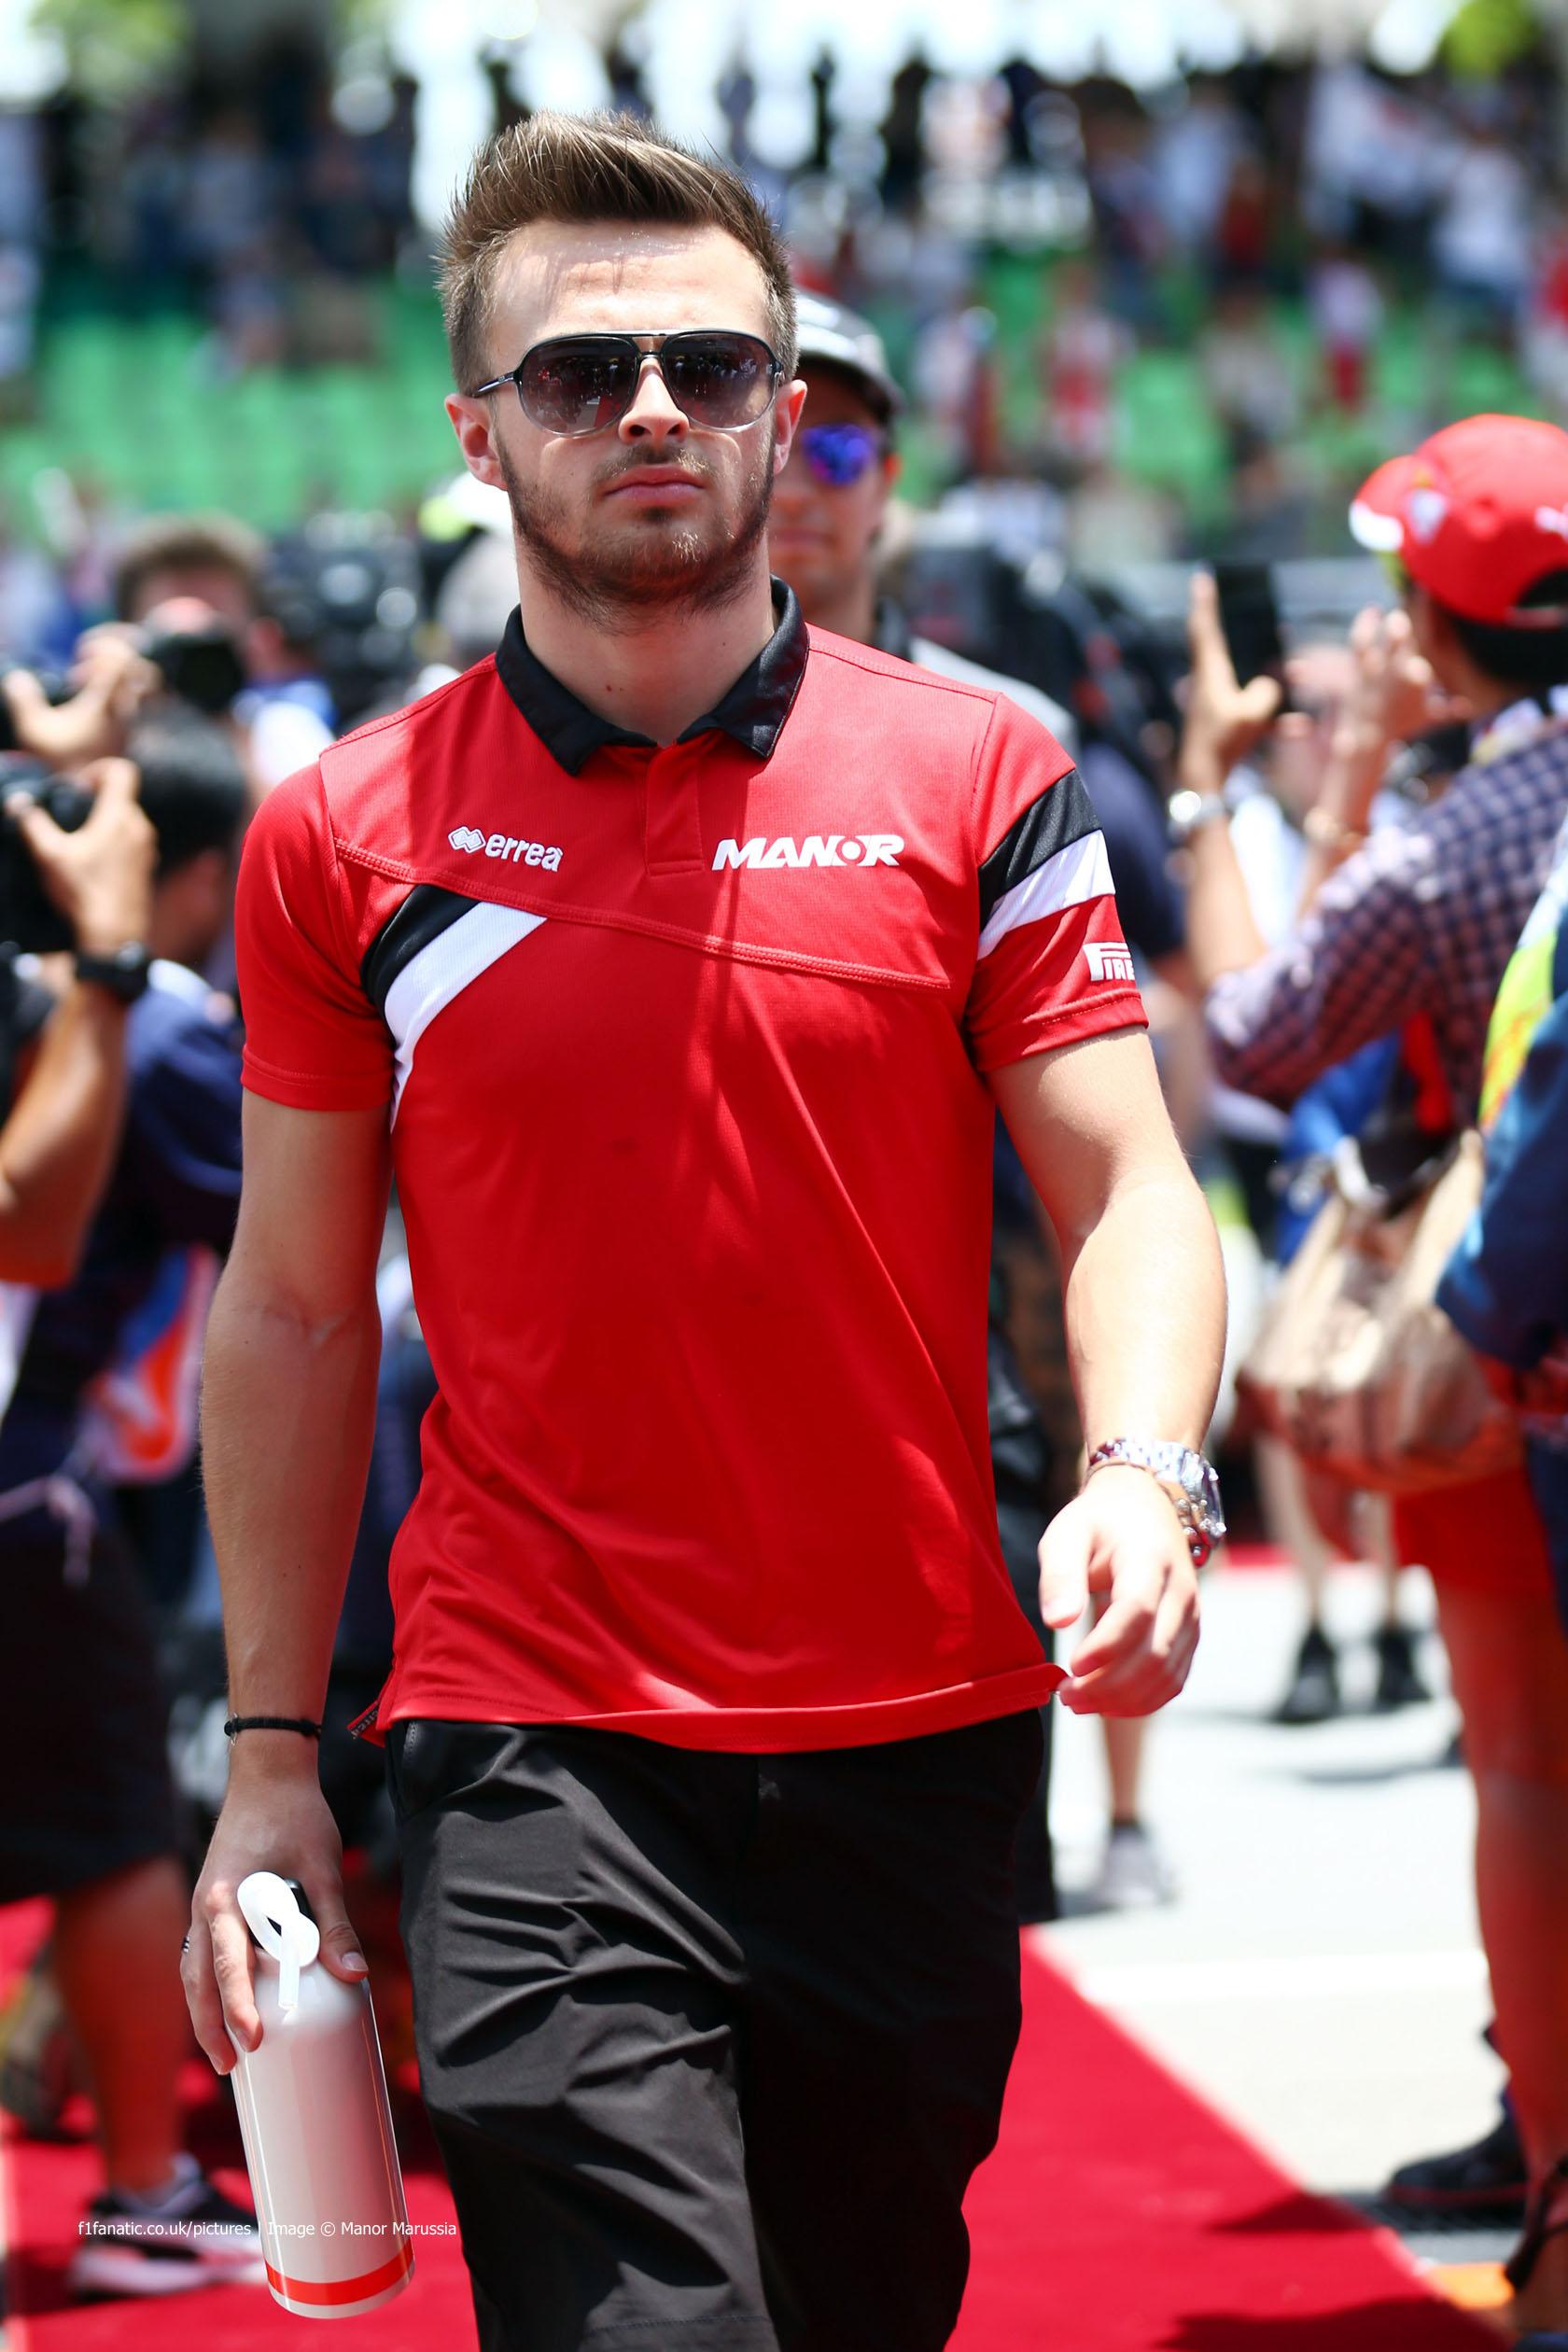 Winner Malaysian Grand Prix 2016 Stev